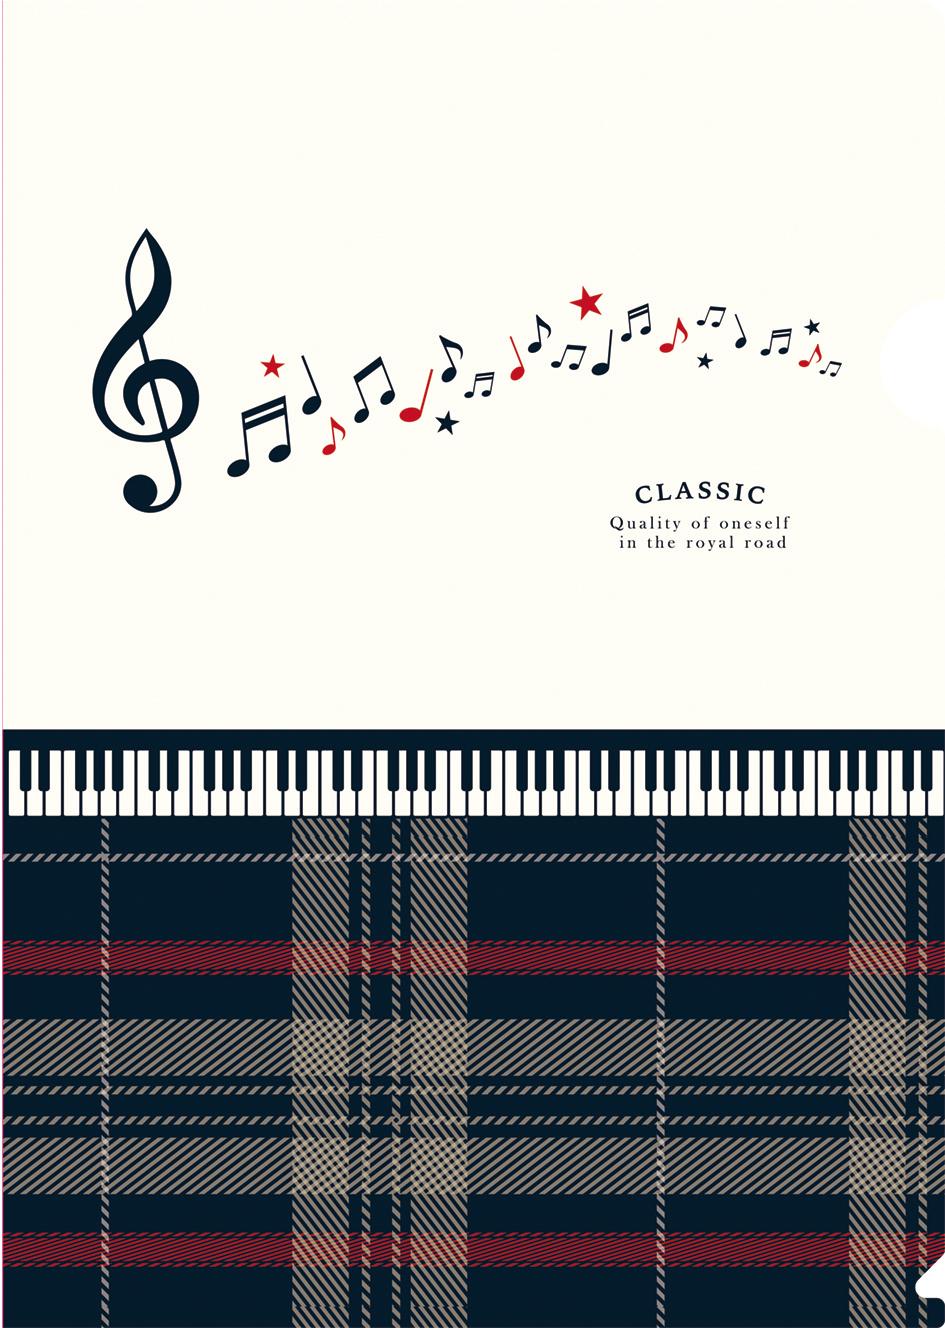 クリアファイル CLASSIC  ※お取り寄せ商品 引き出物 記念品 音楽雑貨 音符 ピアノモチーフ ト音記号 ピアノ雑貨